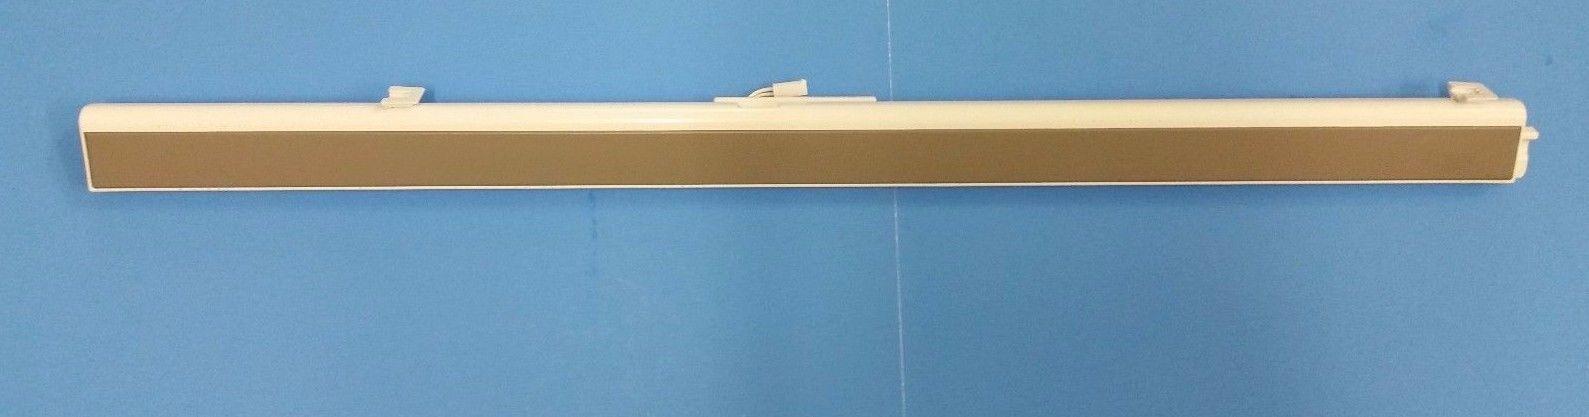 KITCHENAID WHIRLPOOL REFRIGERATOR DOOR SUPPORT PART#W10806457